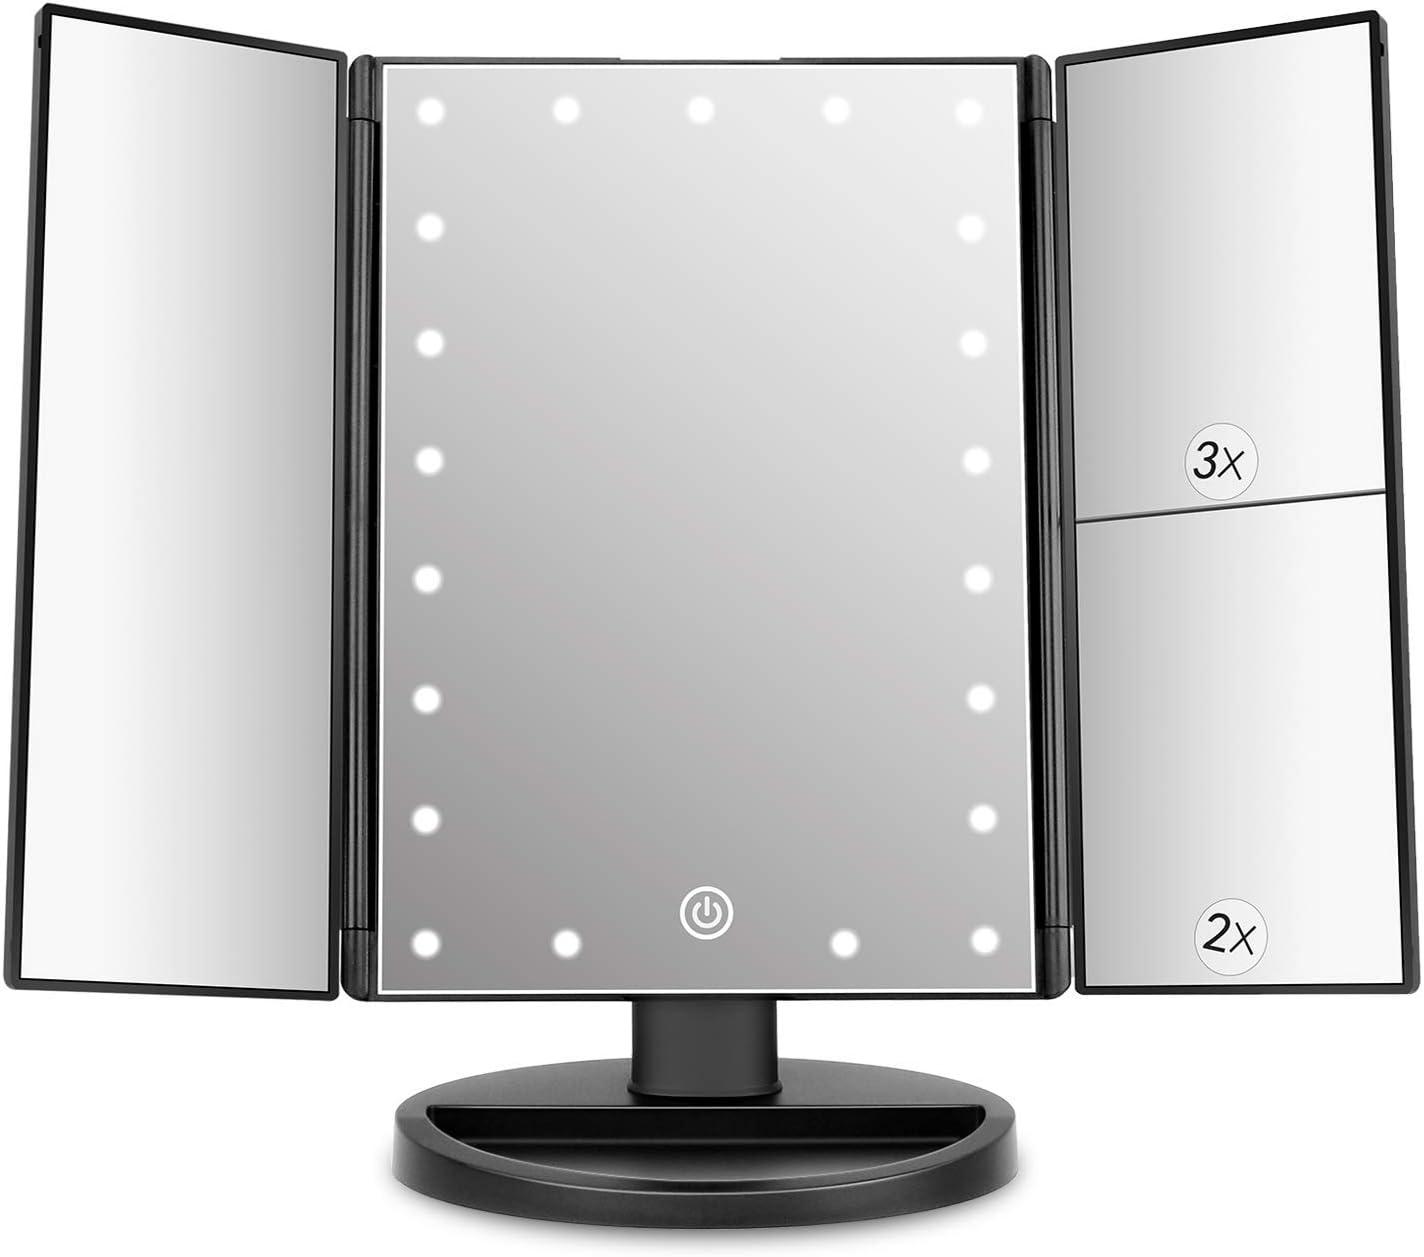 deweisn - Espejo de Maquillaje con 21 ledes, Espejo de Vanity Trifold con Rueda de 180°, Aumento 1 x / 2 x / 3 x Espejo para la Pantalla táctil para el